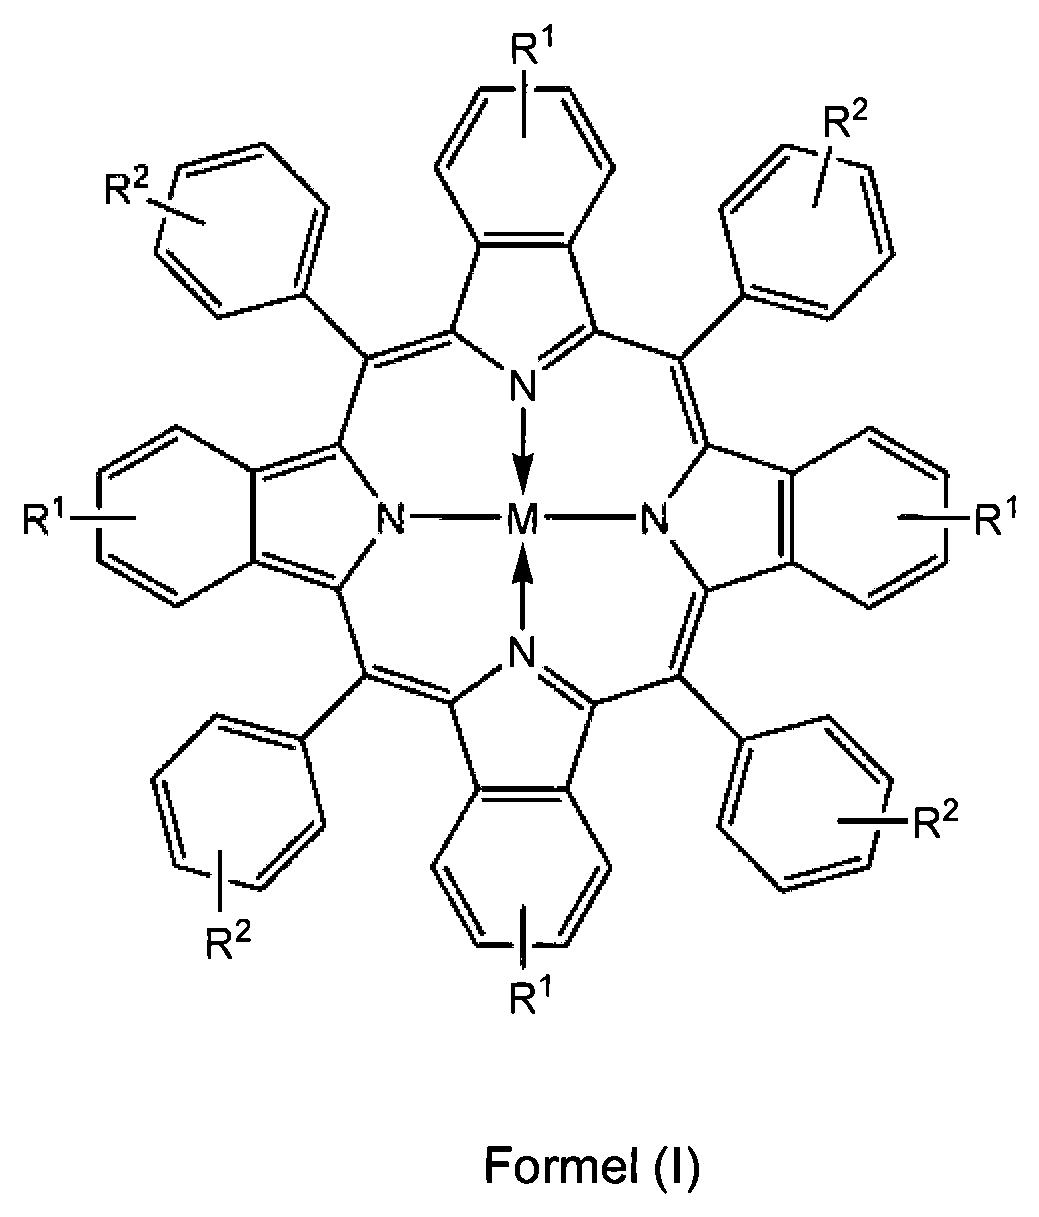 Figure DE102016119810A1_0003